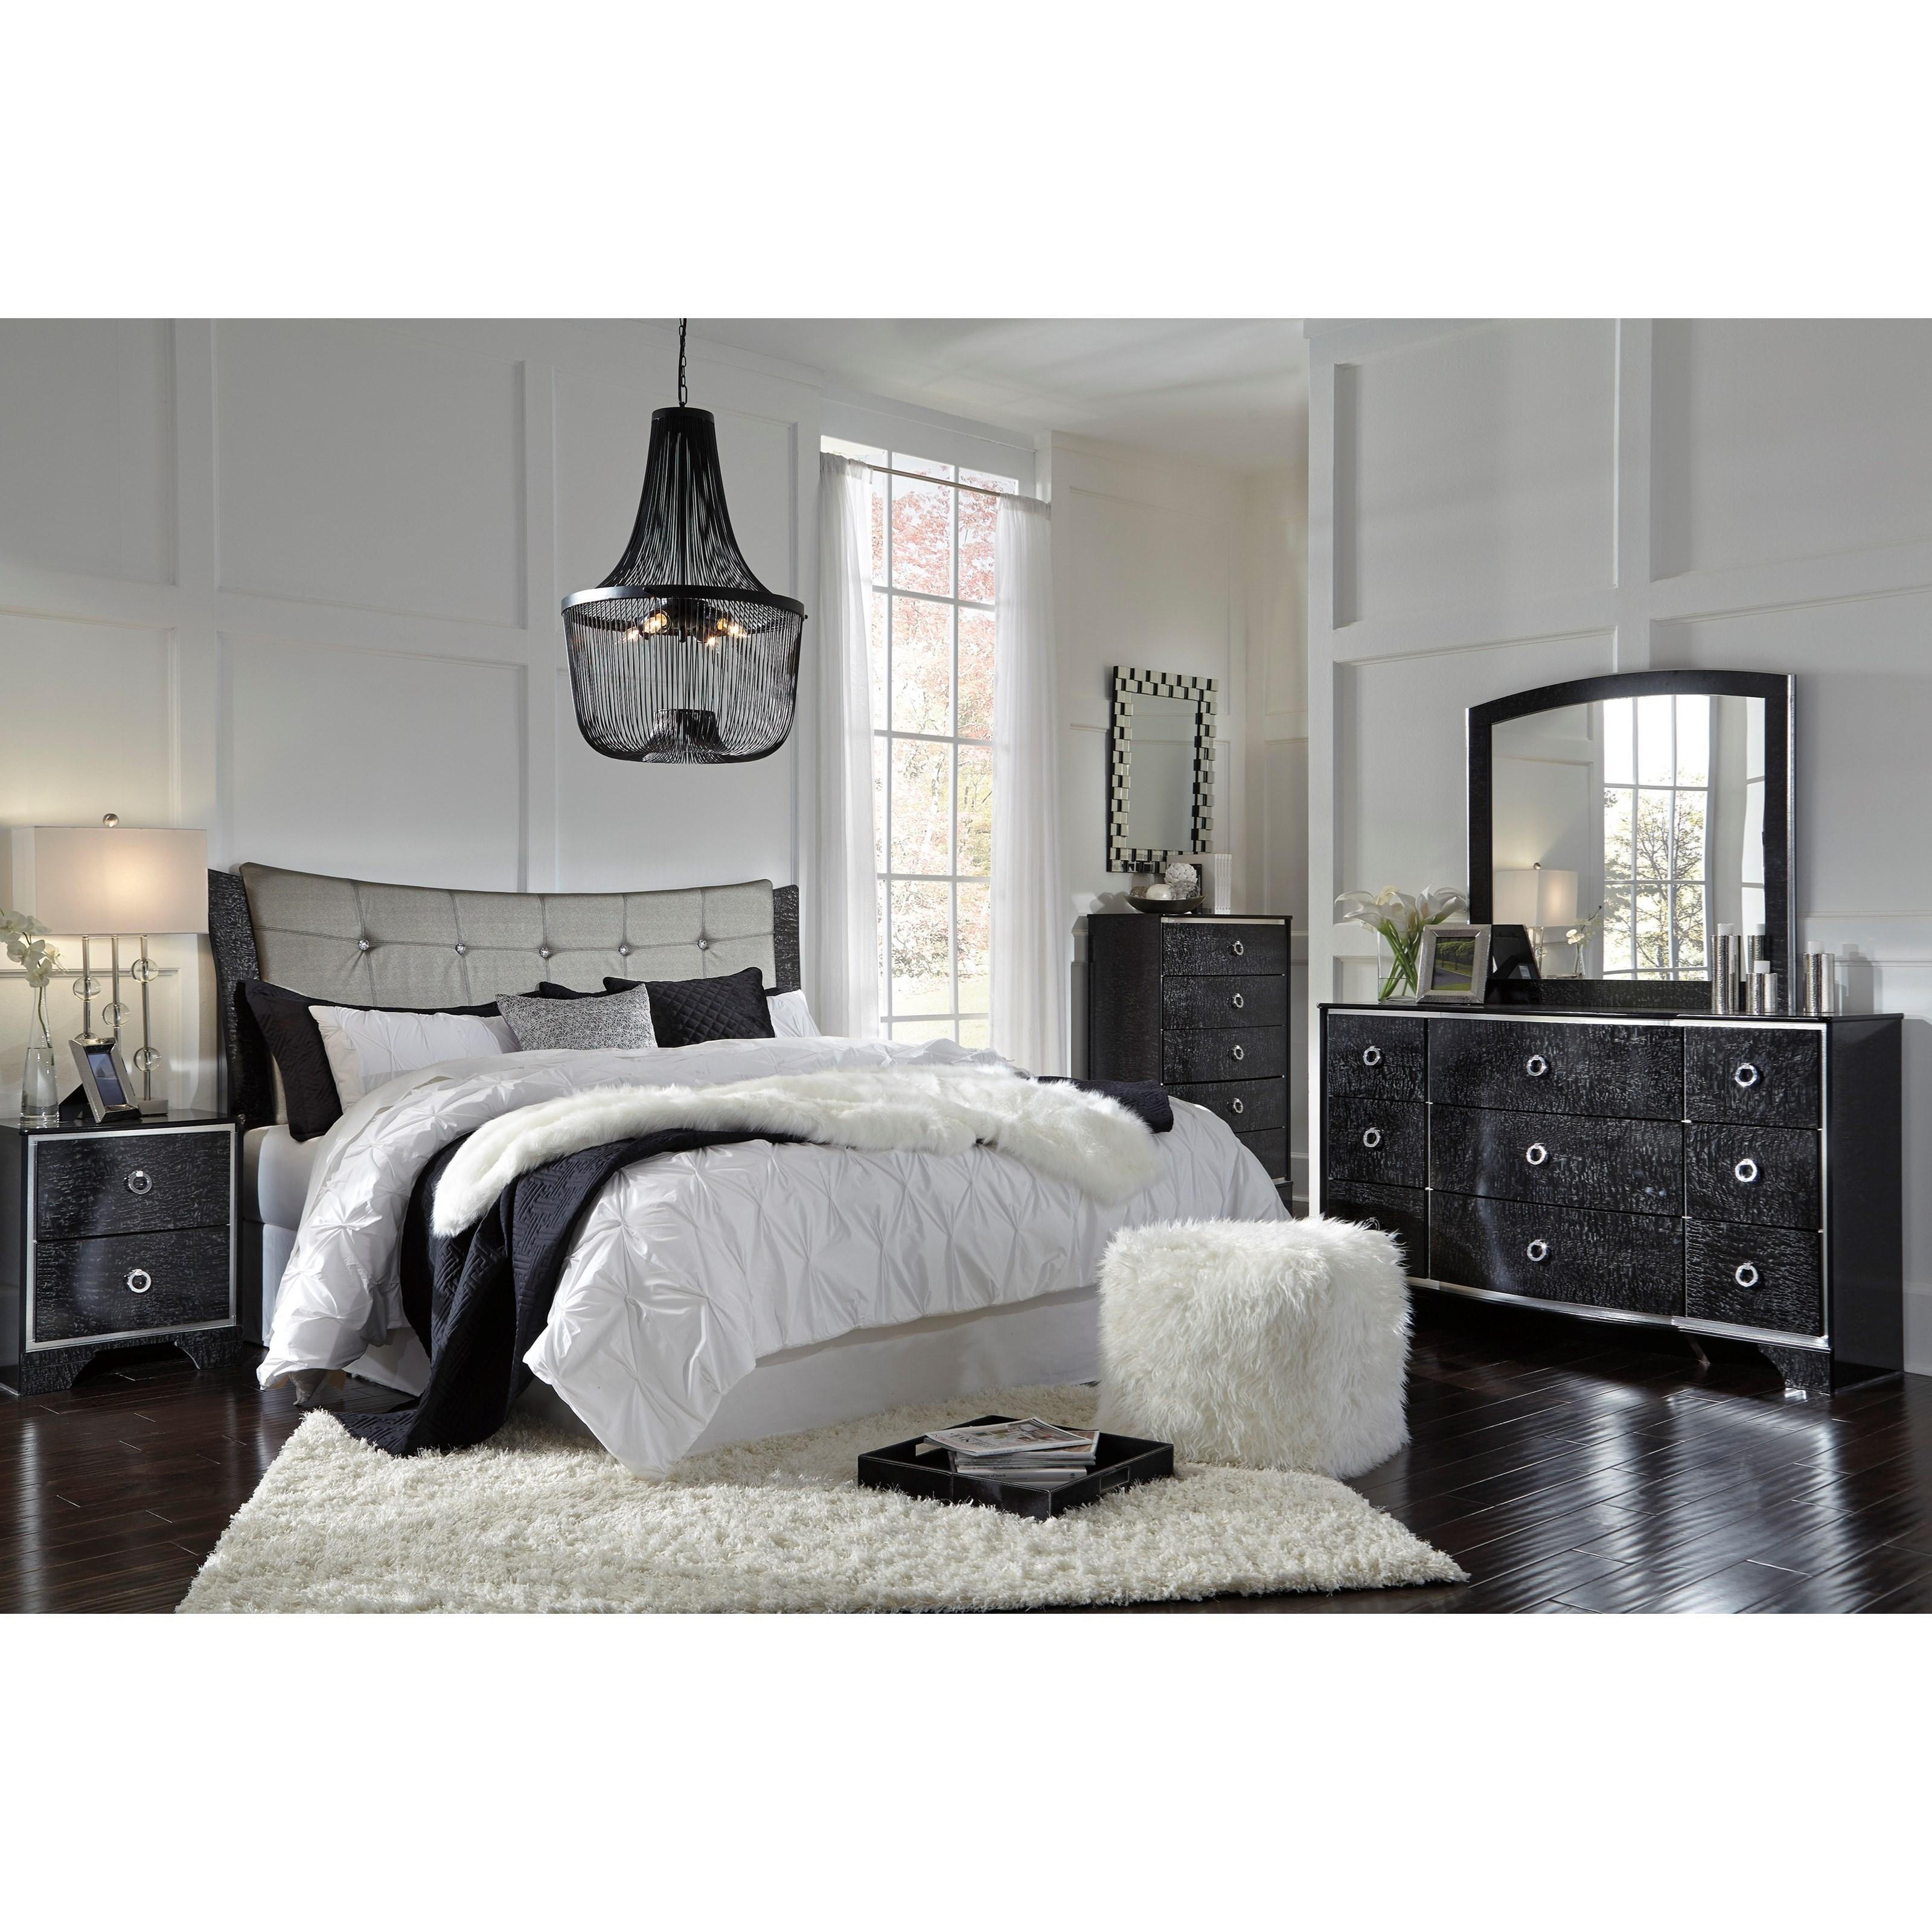 Signature Design by Ashley Amrothi King Bedroom Group - Item Number: B257 K Bedroom Group 2